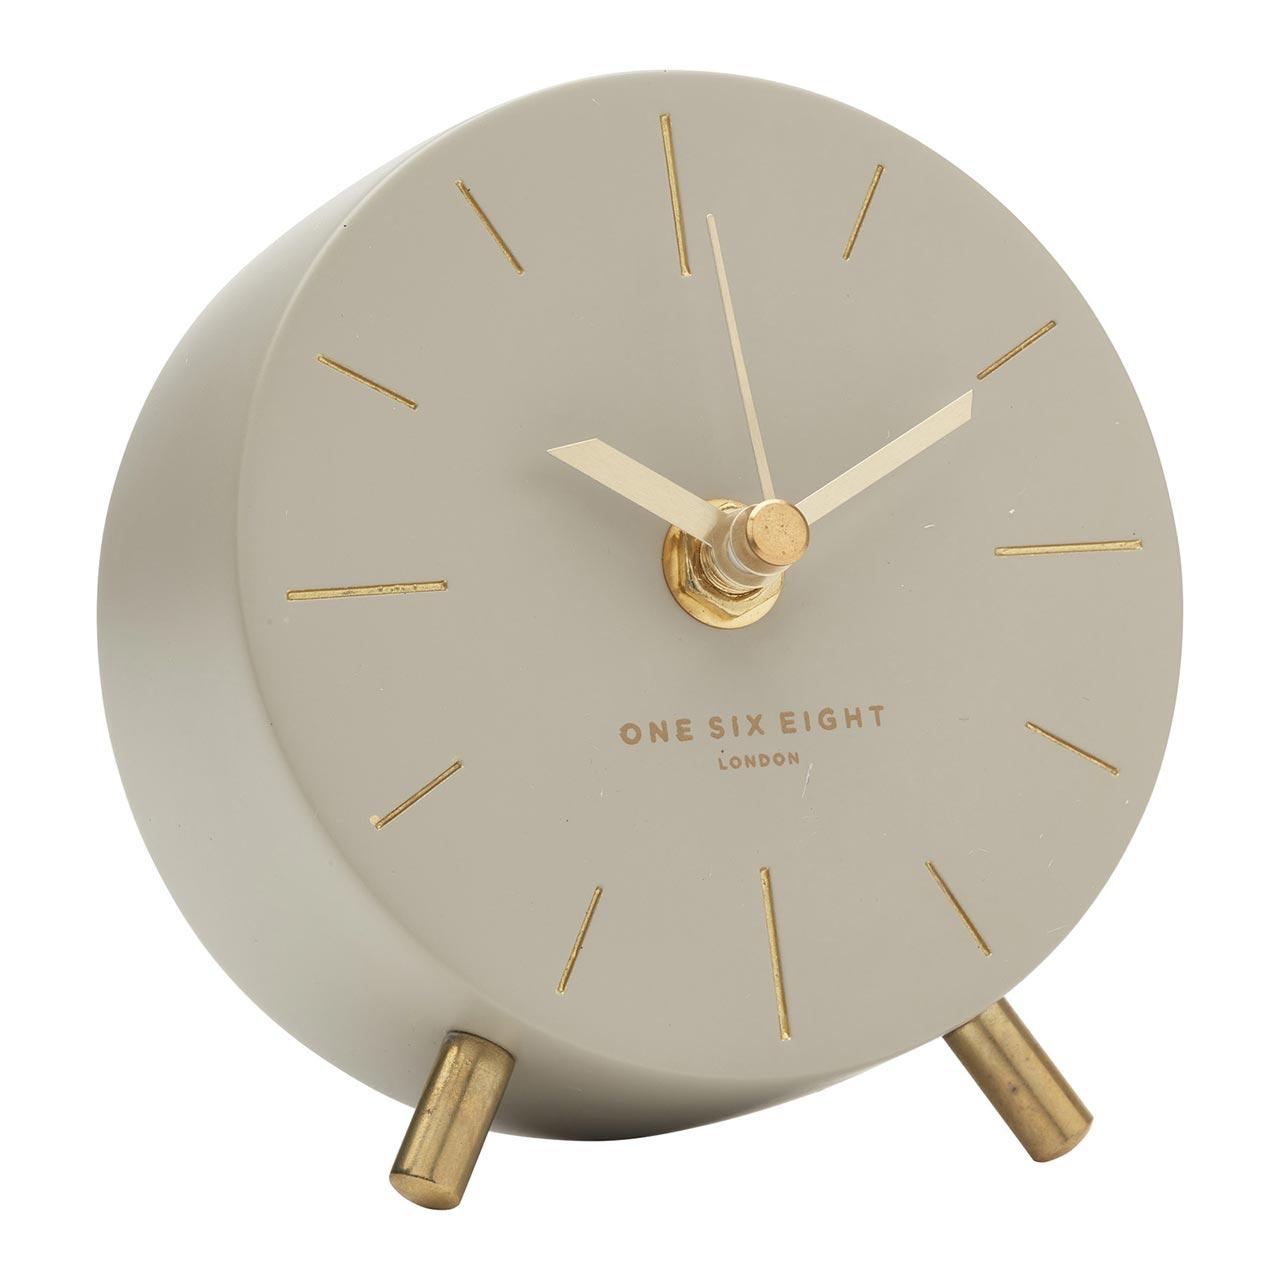 ONE SIX EIGHT LONDON silent concrete mantel clock ANGELO - Ø 11cm x 12cm x 4.5cm | the design gift shop